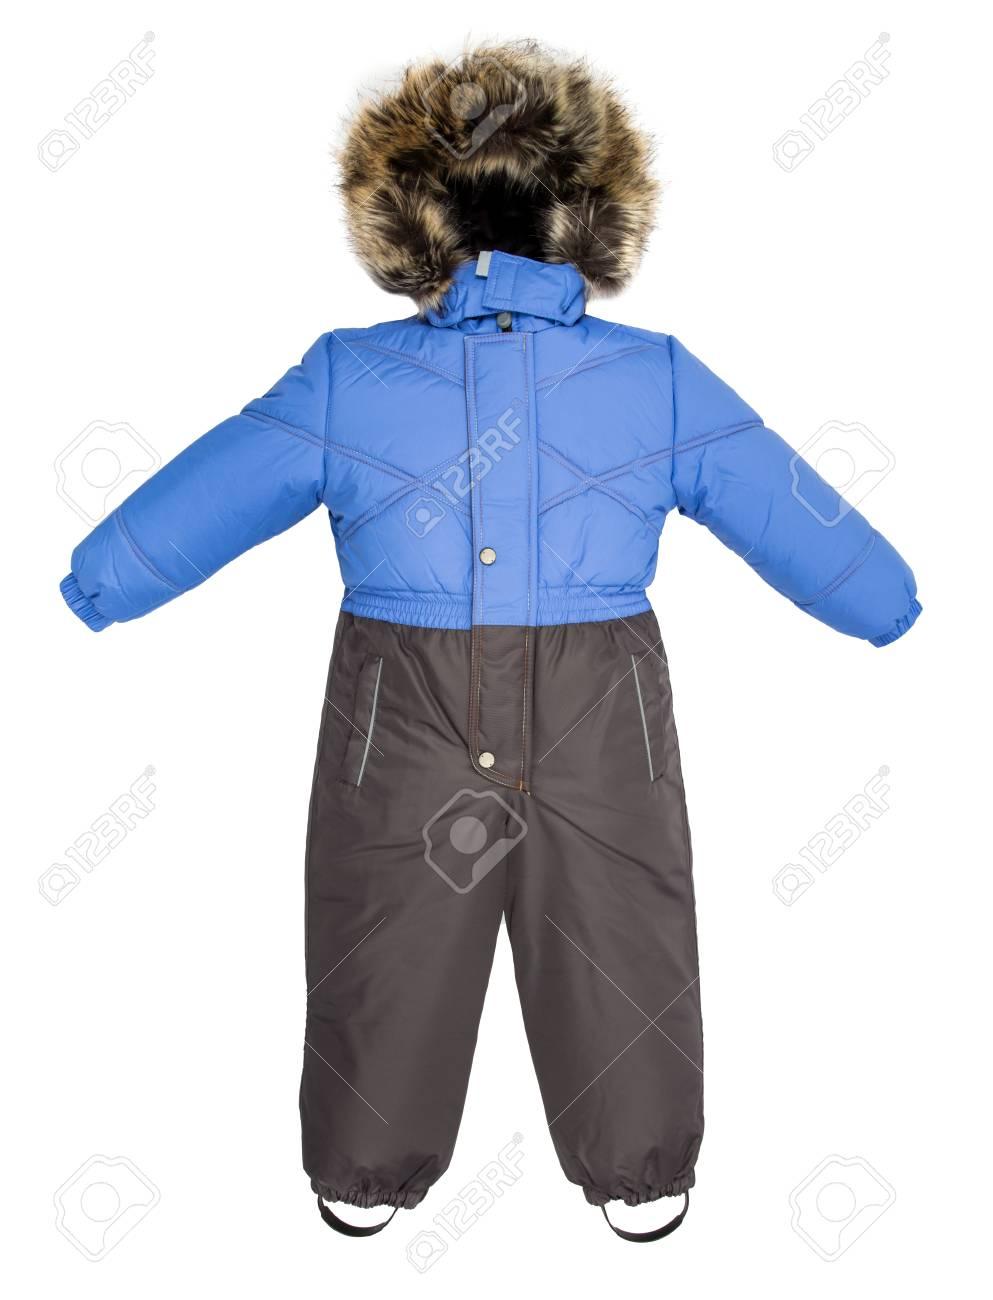 2a4a38f721a0fe La tuta da jeans per bambini è caduta su uno sfondo bianco Archivio  Fotografico - 65146057